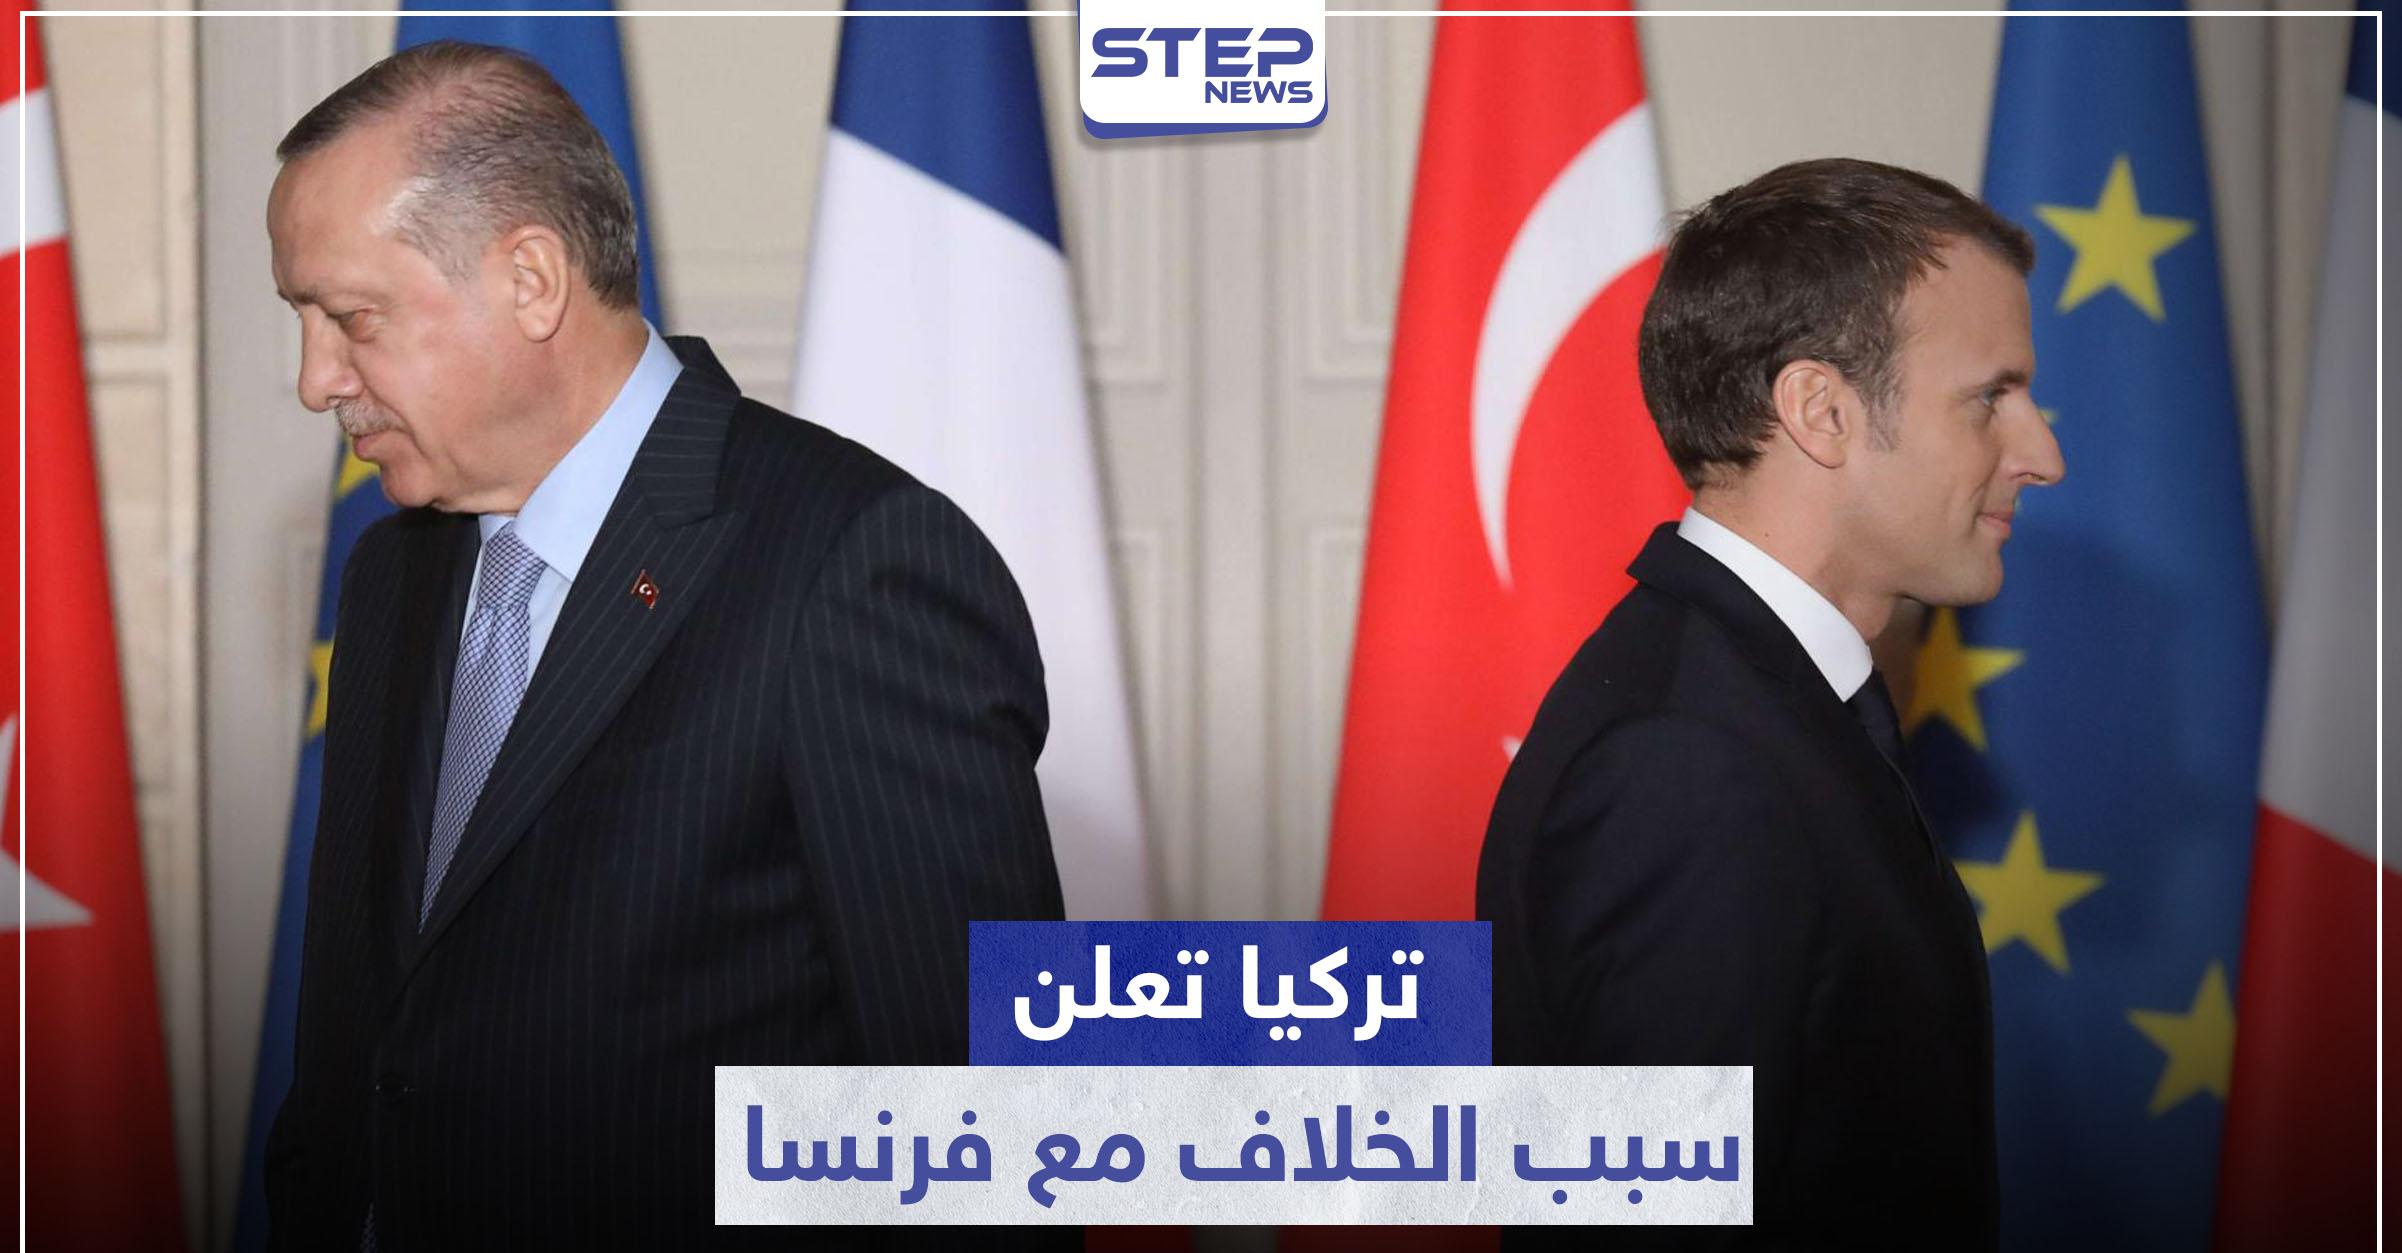 تركيا تعلن سبب الخلاف مع فرنسا